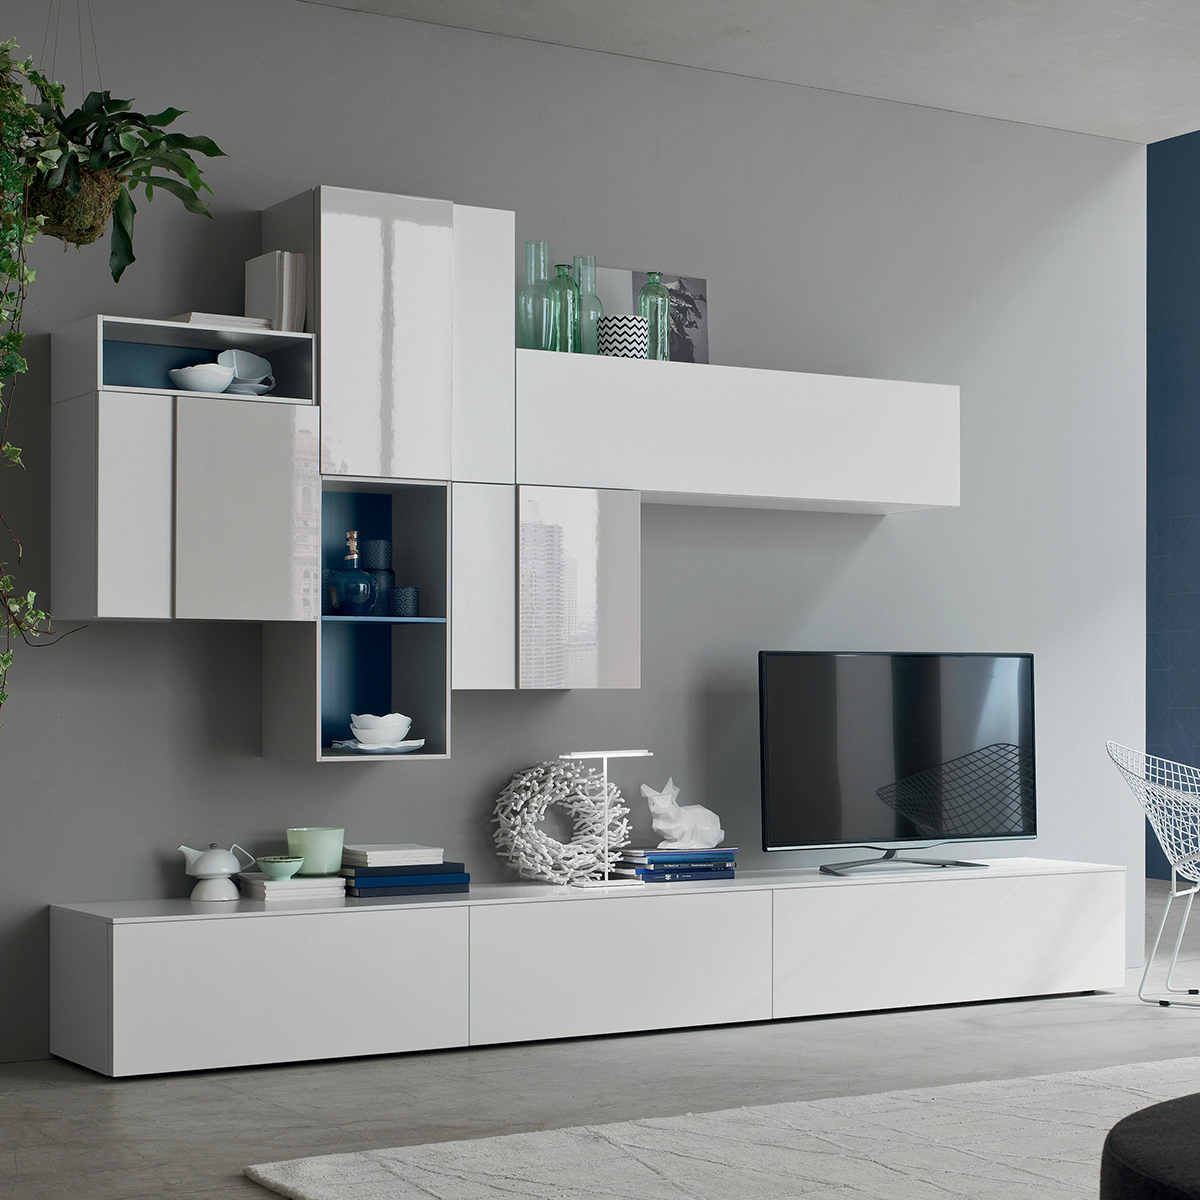 Seta sa1560 mobile soggiorno moderno componibile l 299 4 - Mobili soggiorno moderno ...